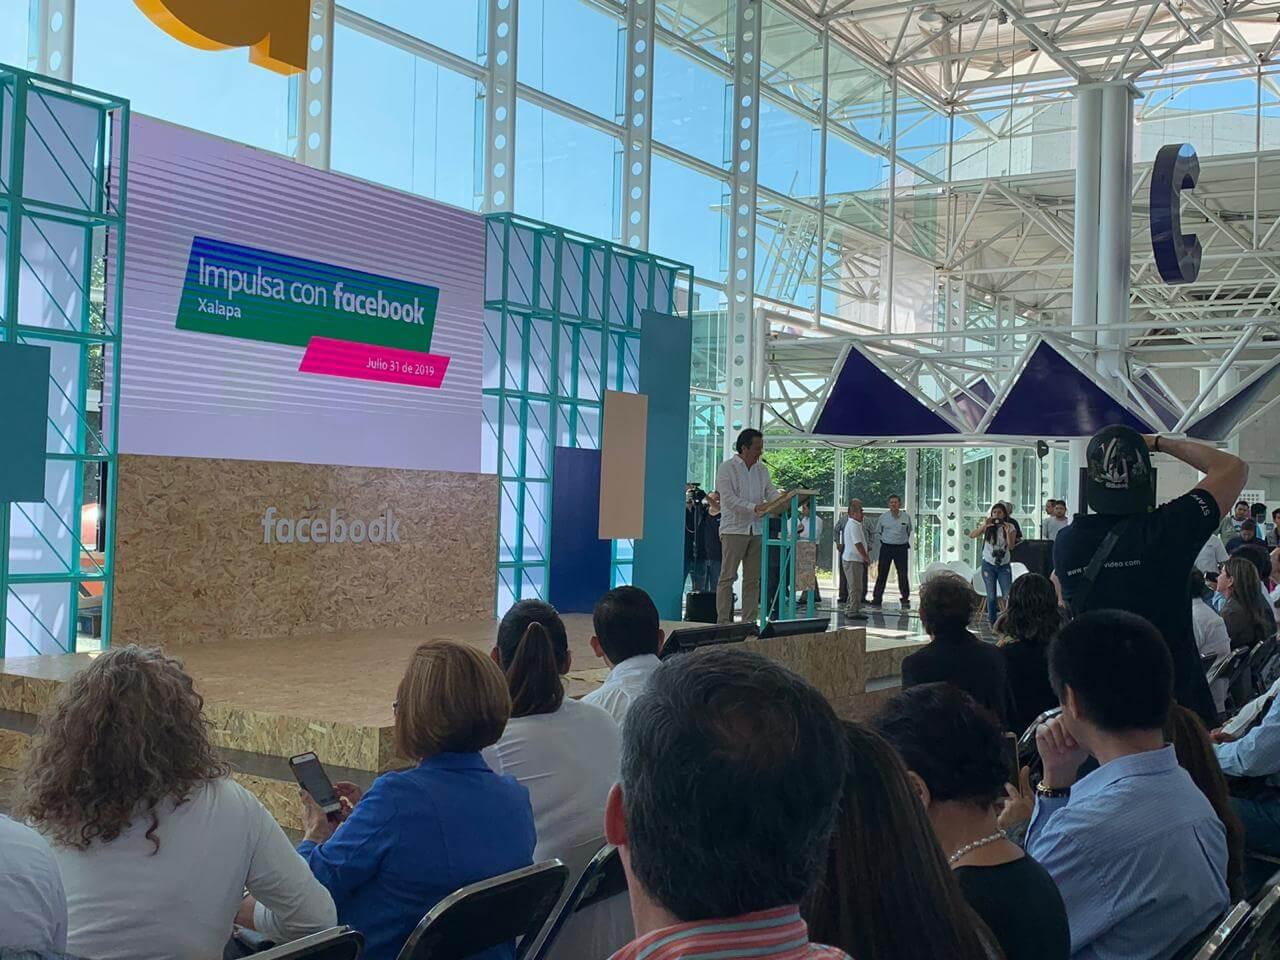 El gobernador de Veracruz, Cuitlahuác García Jiménez inauguró el evento